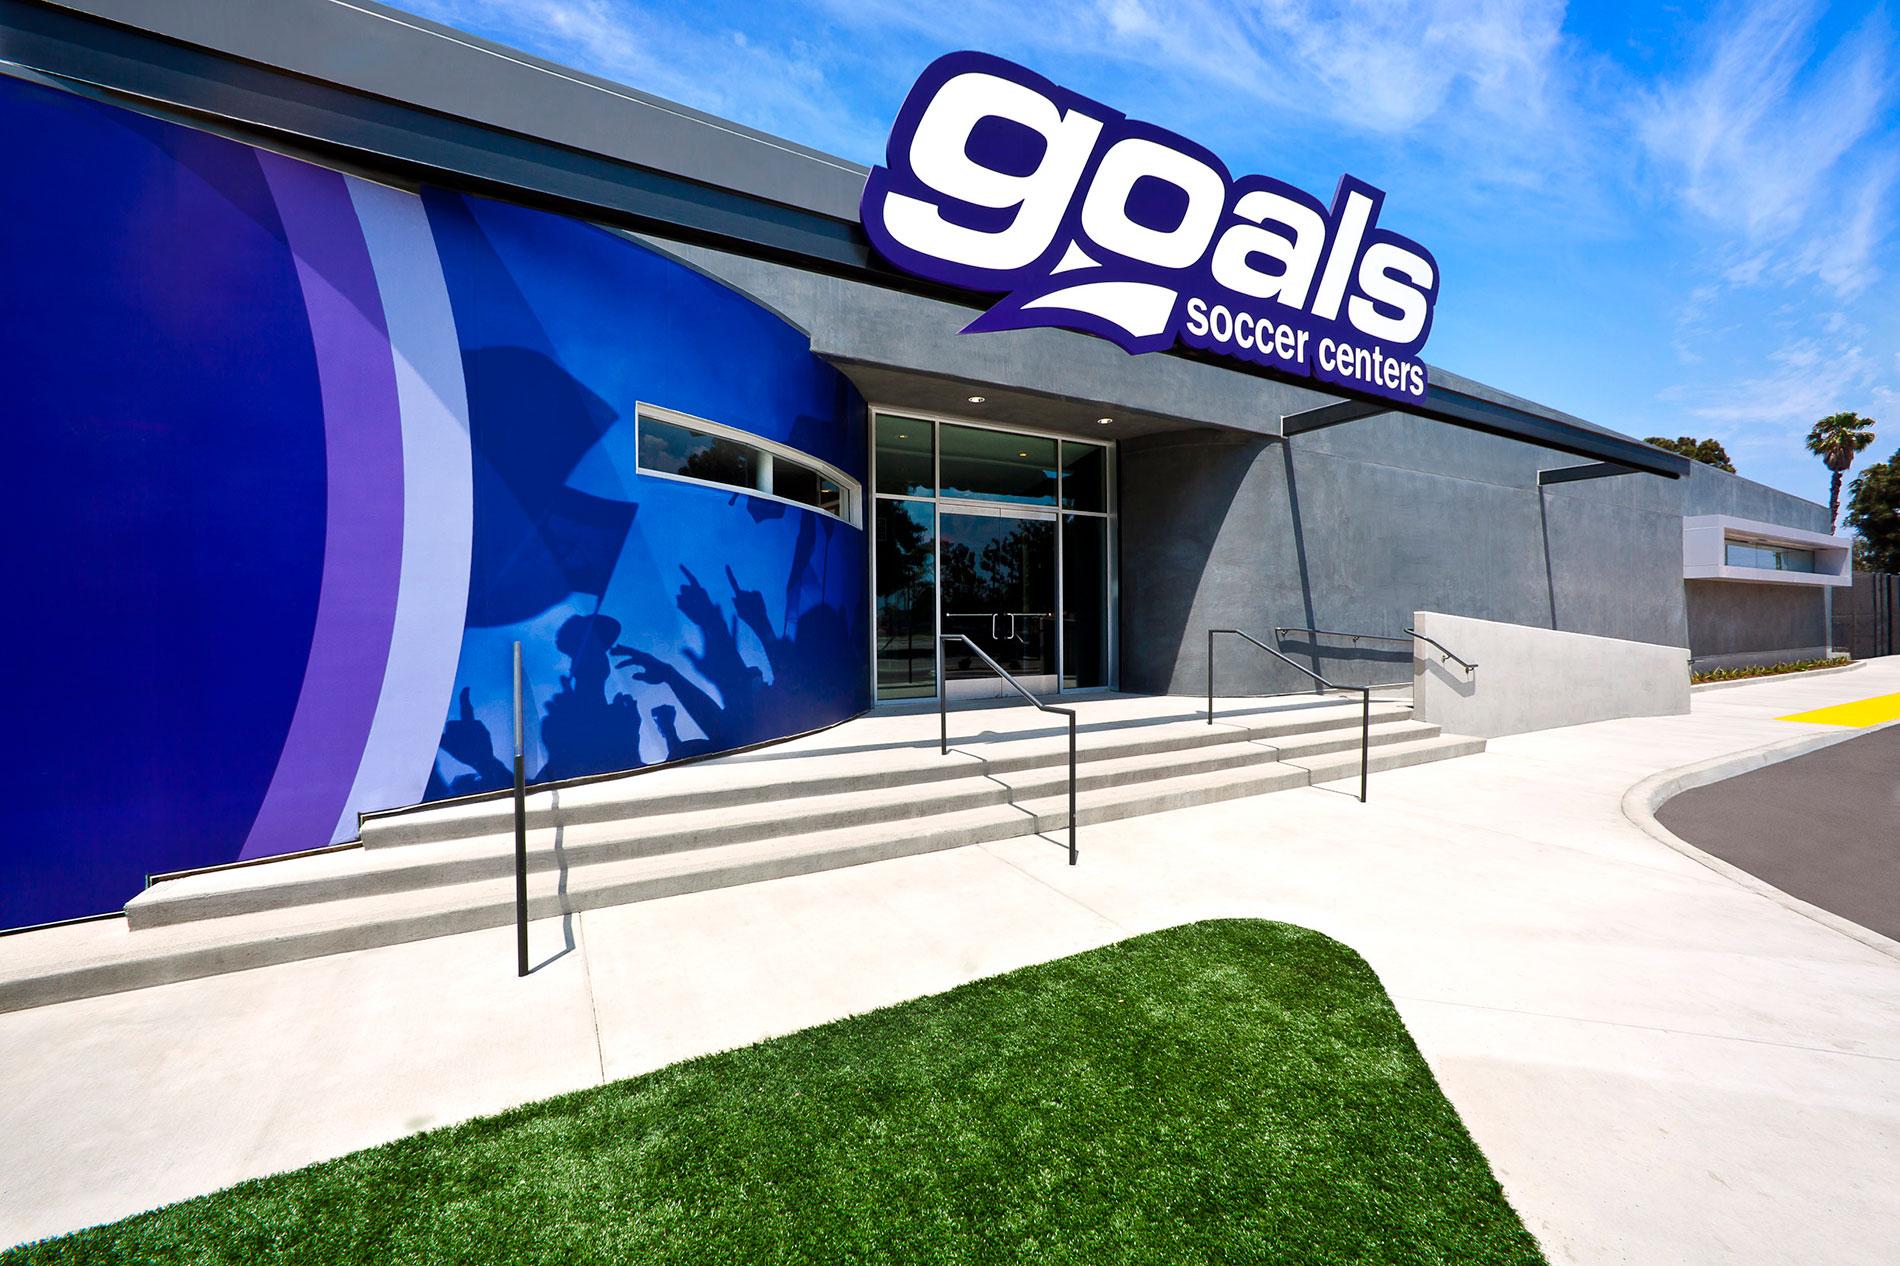 Goals soccer center snyder langston for Langston builders